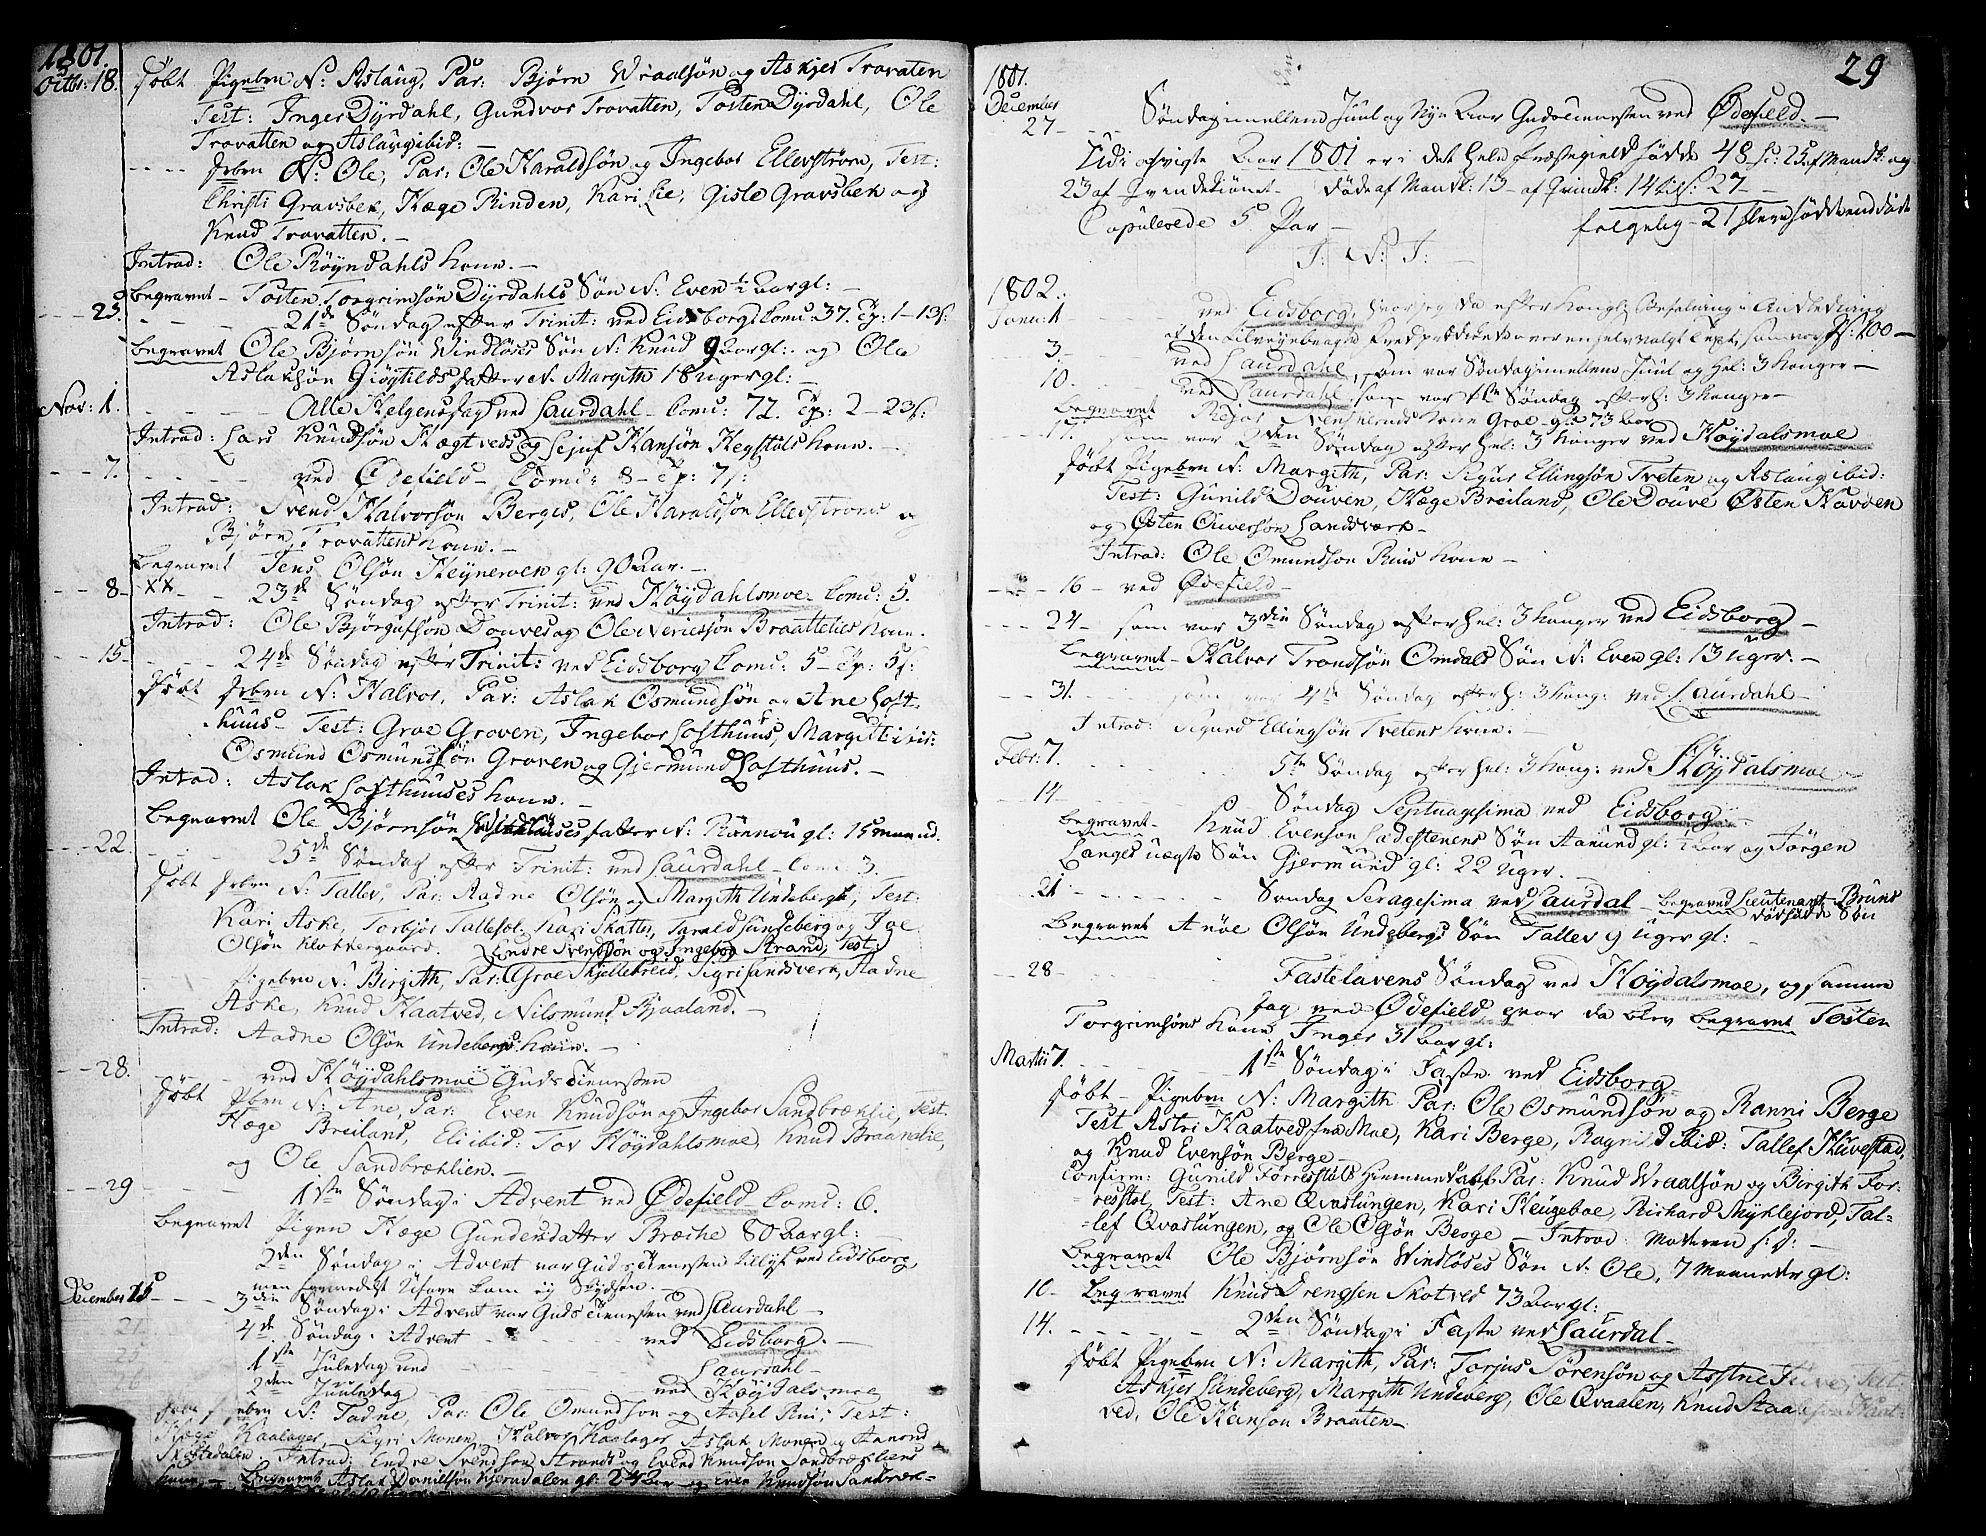 SAKO, Lårdal kirkebøker, F/Fa/L0004: Ministerialbok nr. I 4, 1790-1814, s. 29